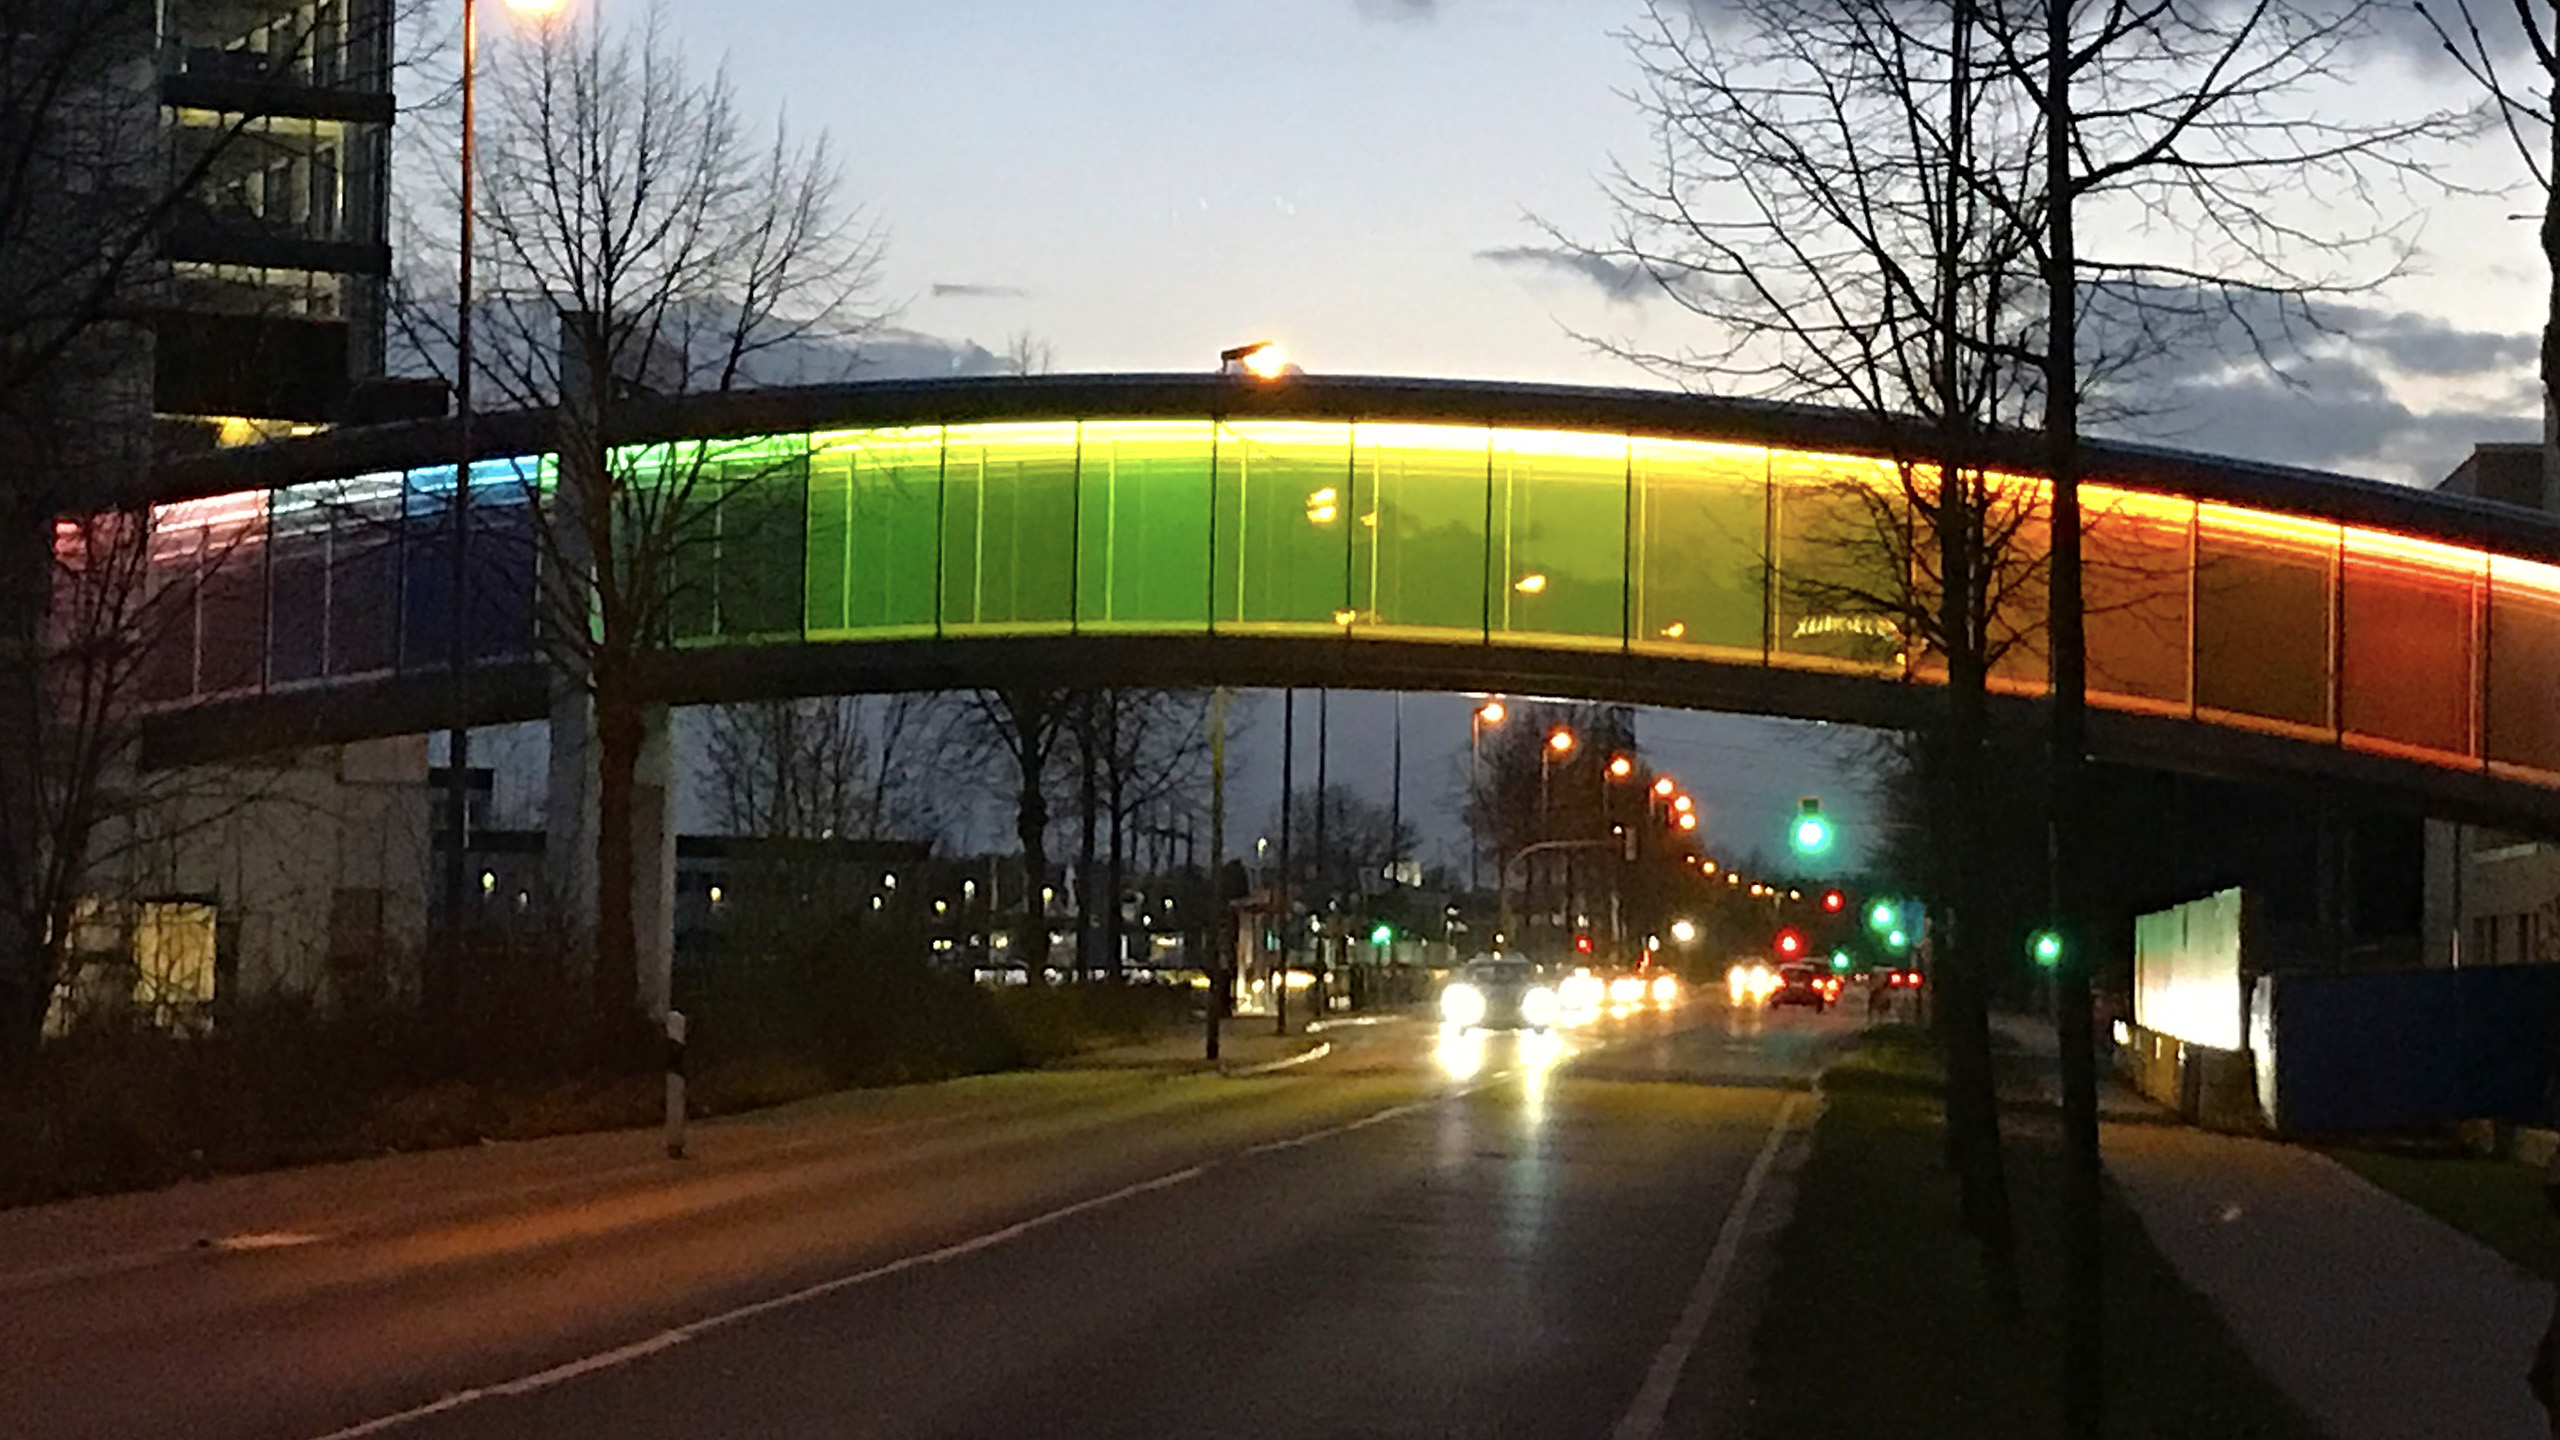 Farbenfrohe, bunte Verbindungsbrücke für Brillux in Münster